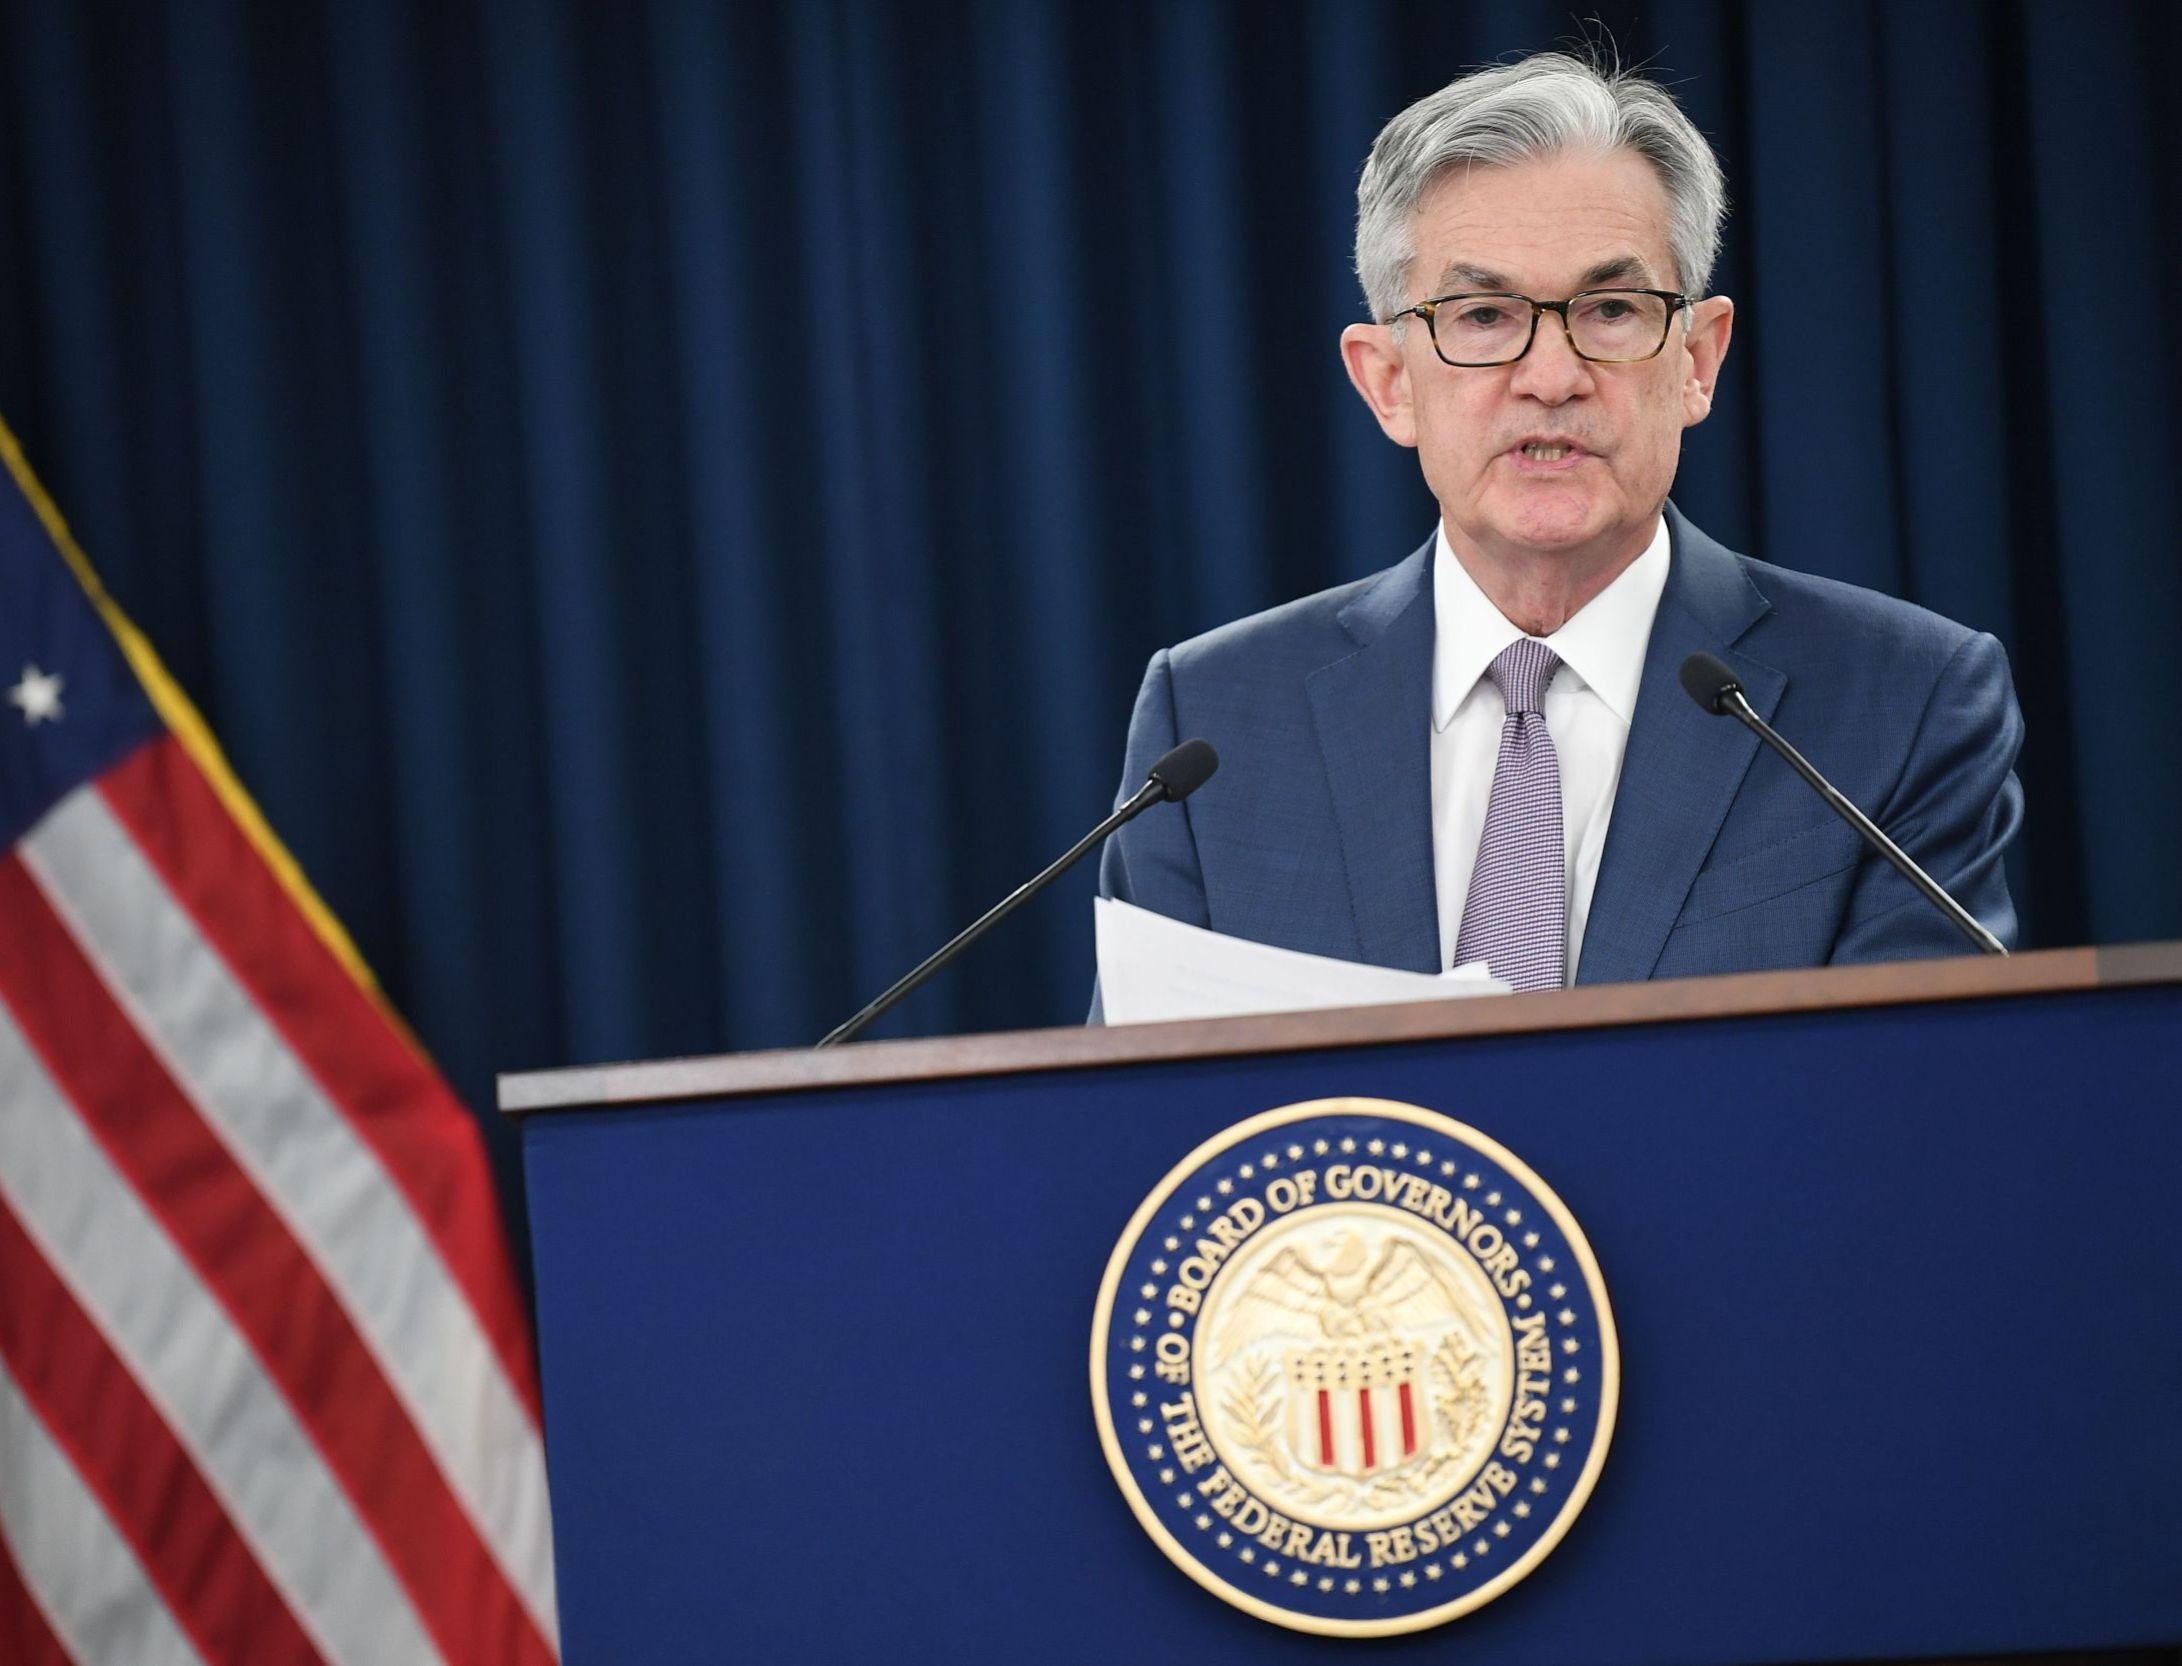 美债|鲍威尔也救不动了?10年期美债收益率突破1.7% 创一年新高